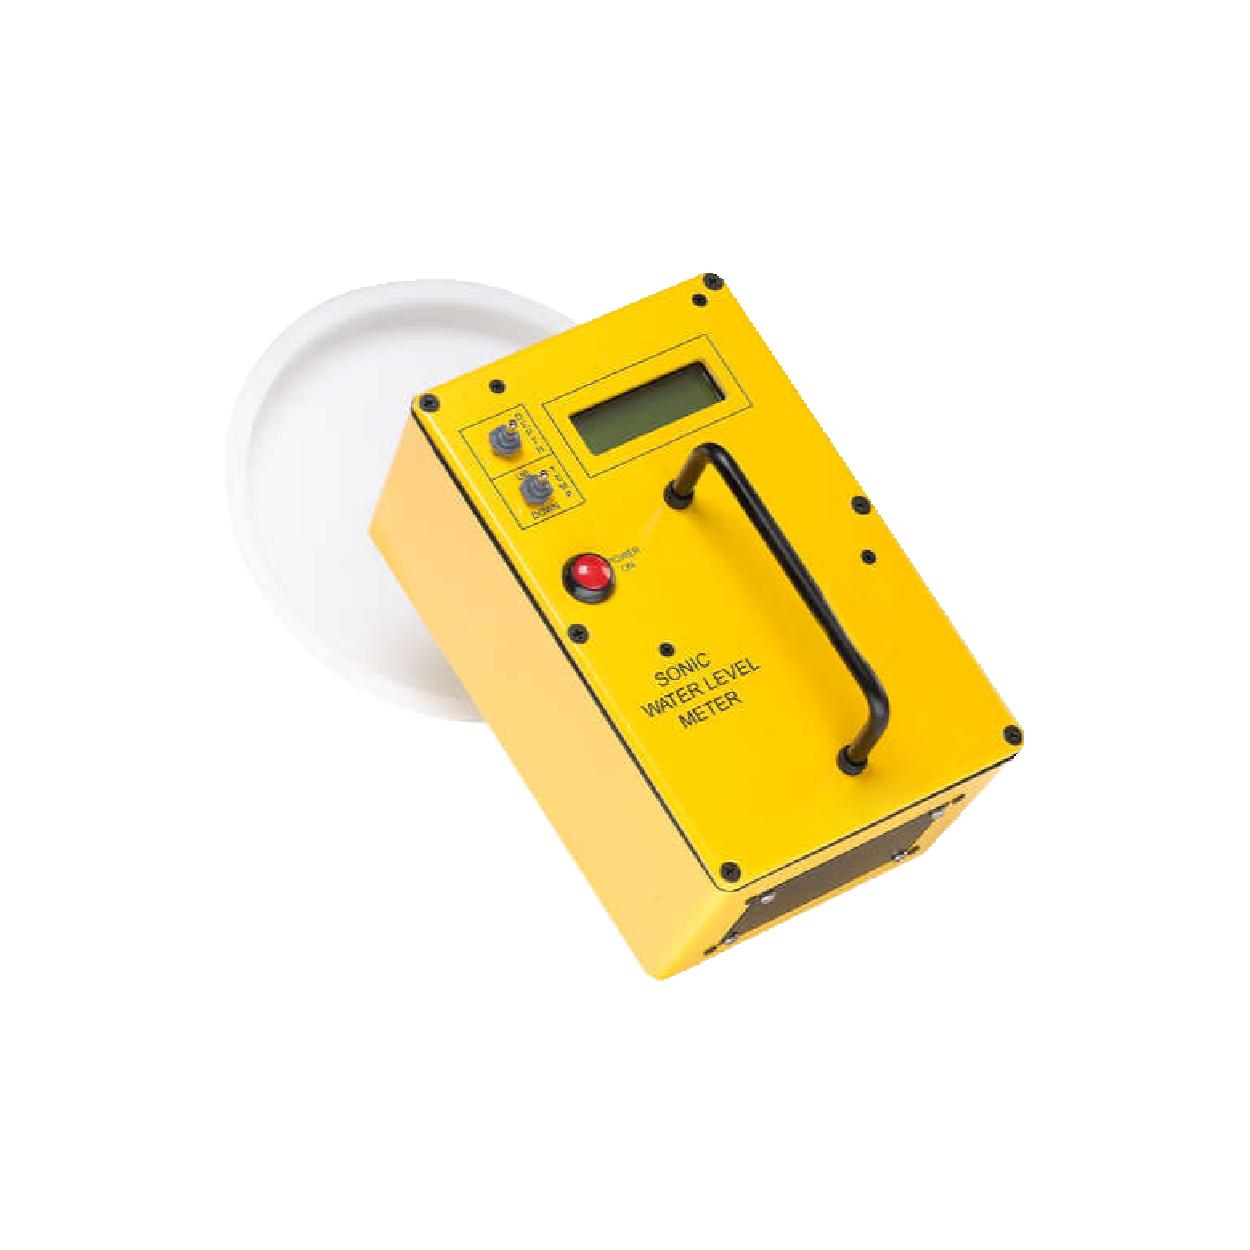 LV625_misuratore_livello_a_ultrasuoni_portatile